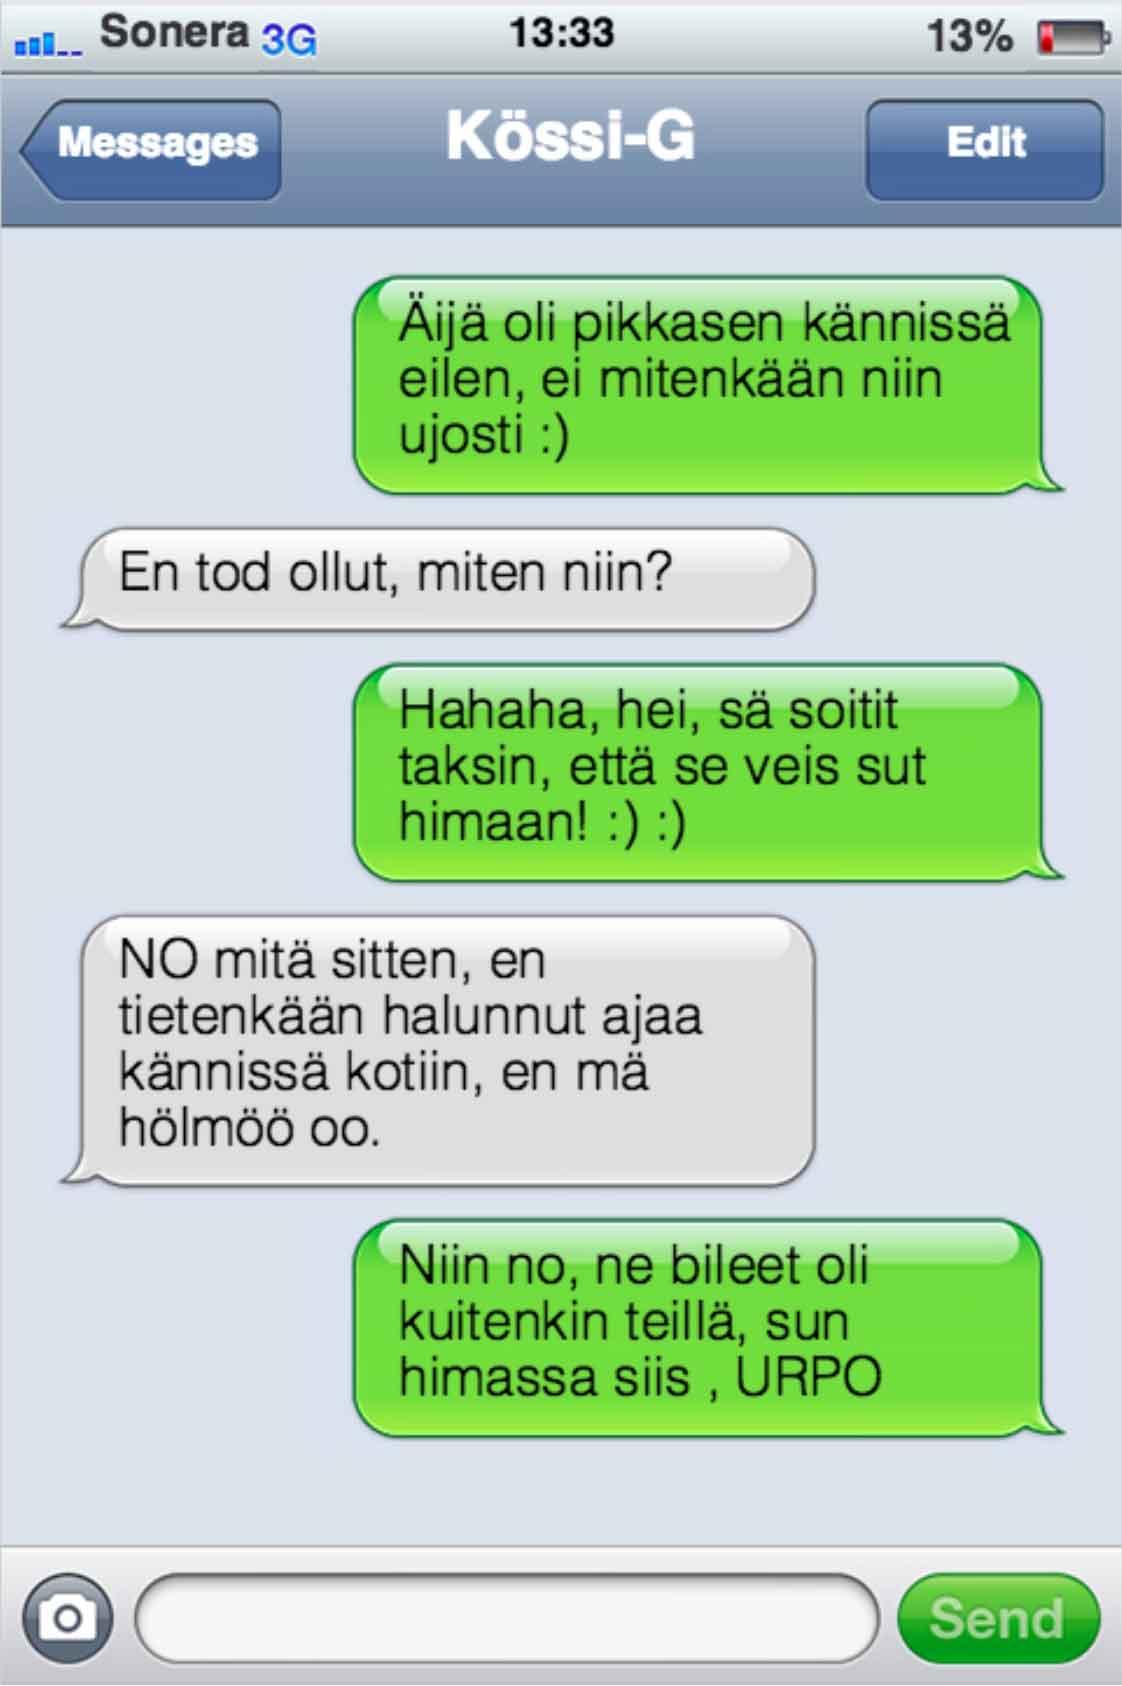 tekstarimokat_Aija_oli_pikkasen_2